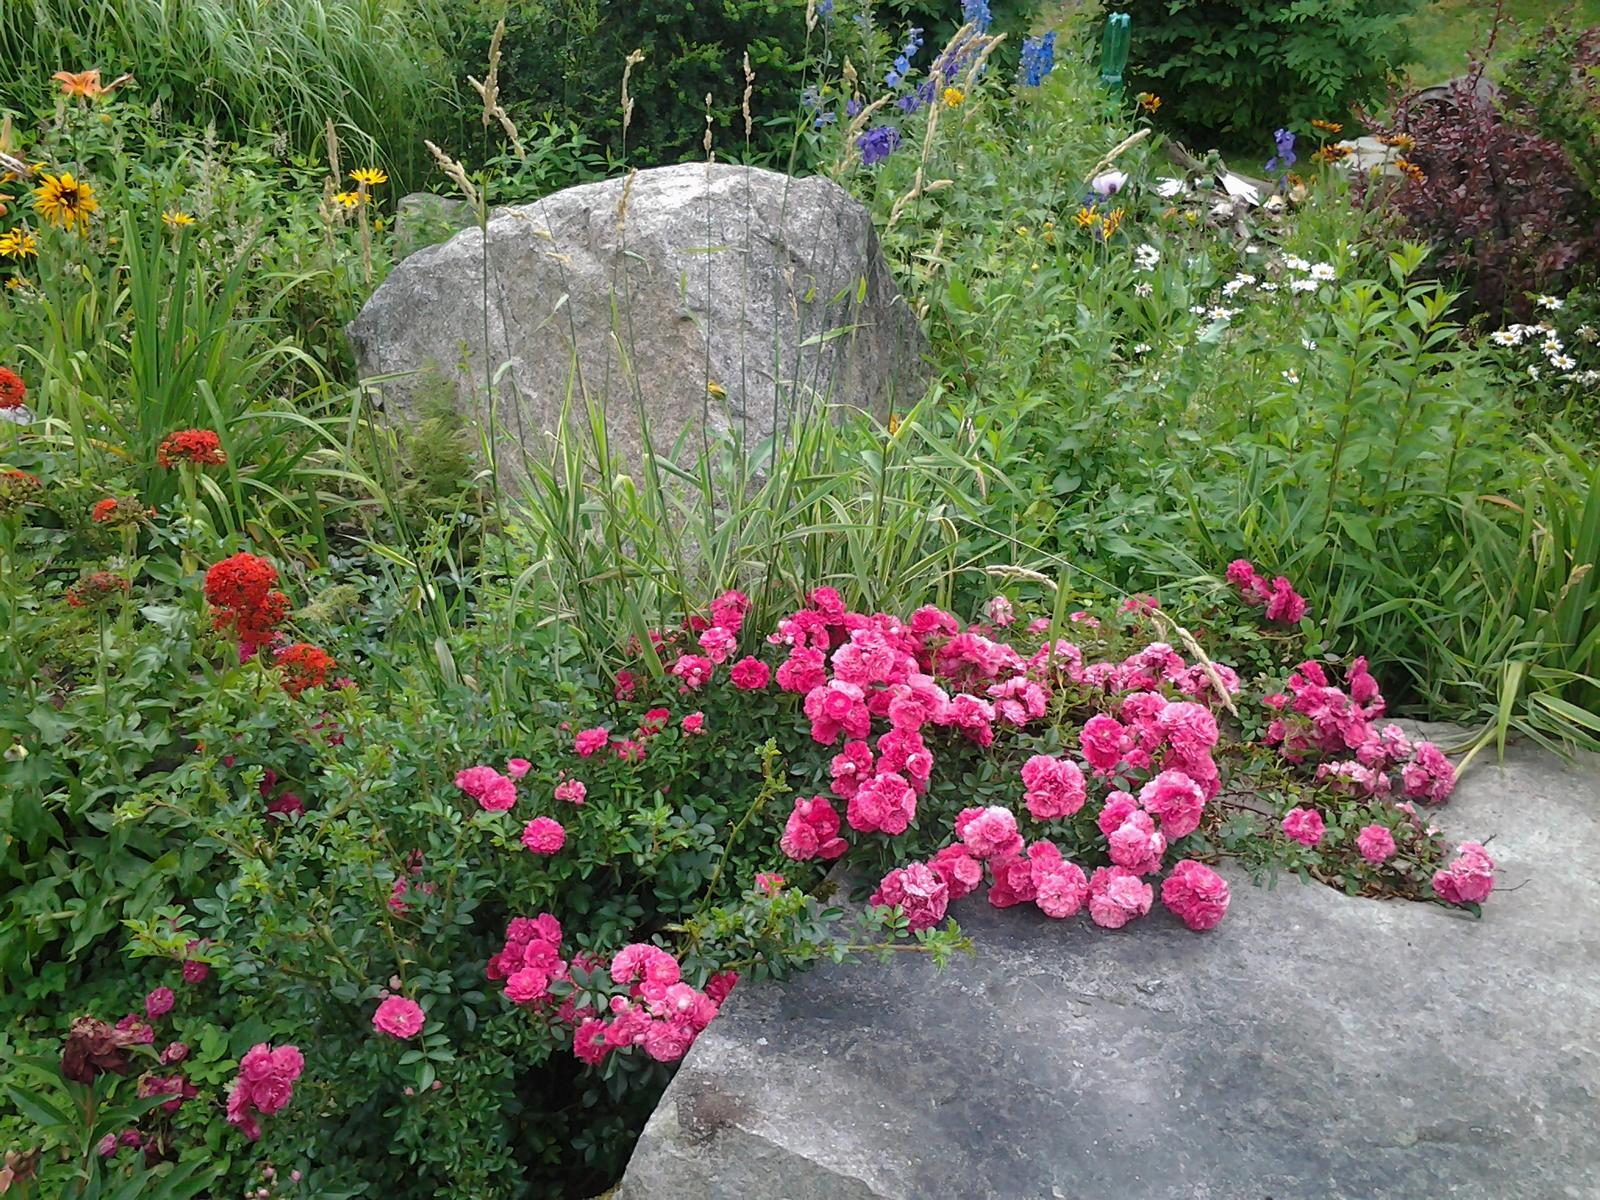 Jihočeská venkovská zahrada. - Pnoucí růže si s vyhřátým kamenem rozumí.